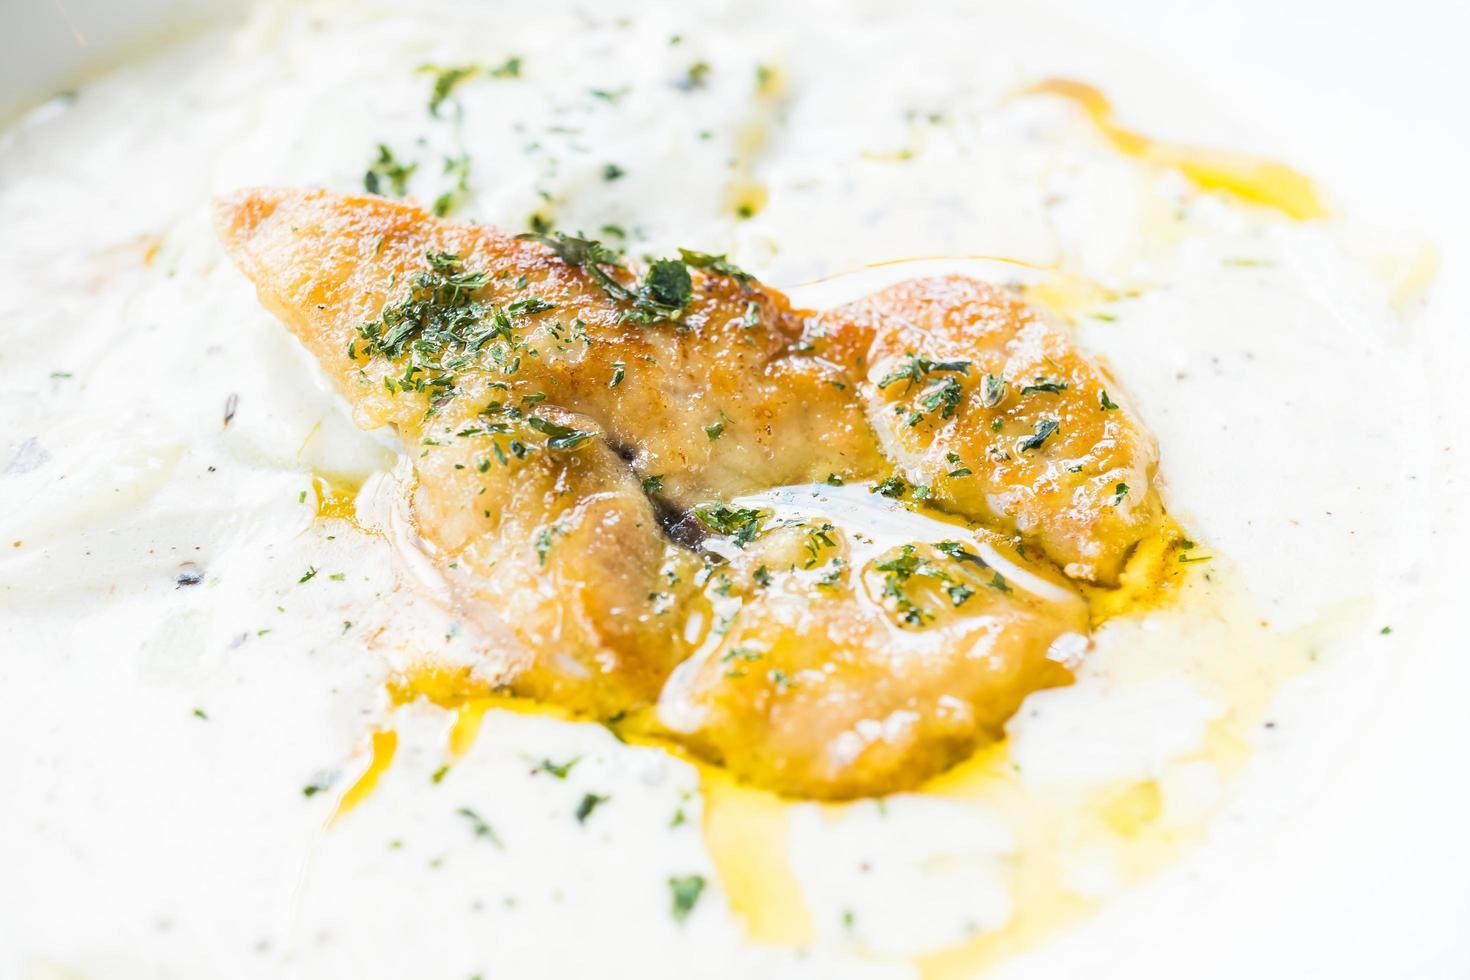 foie gras med penne gräddsås foto